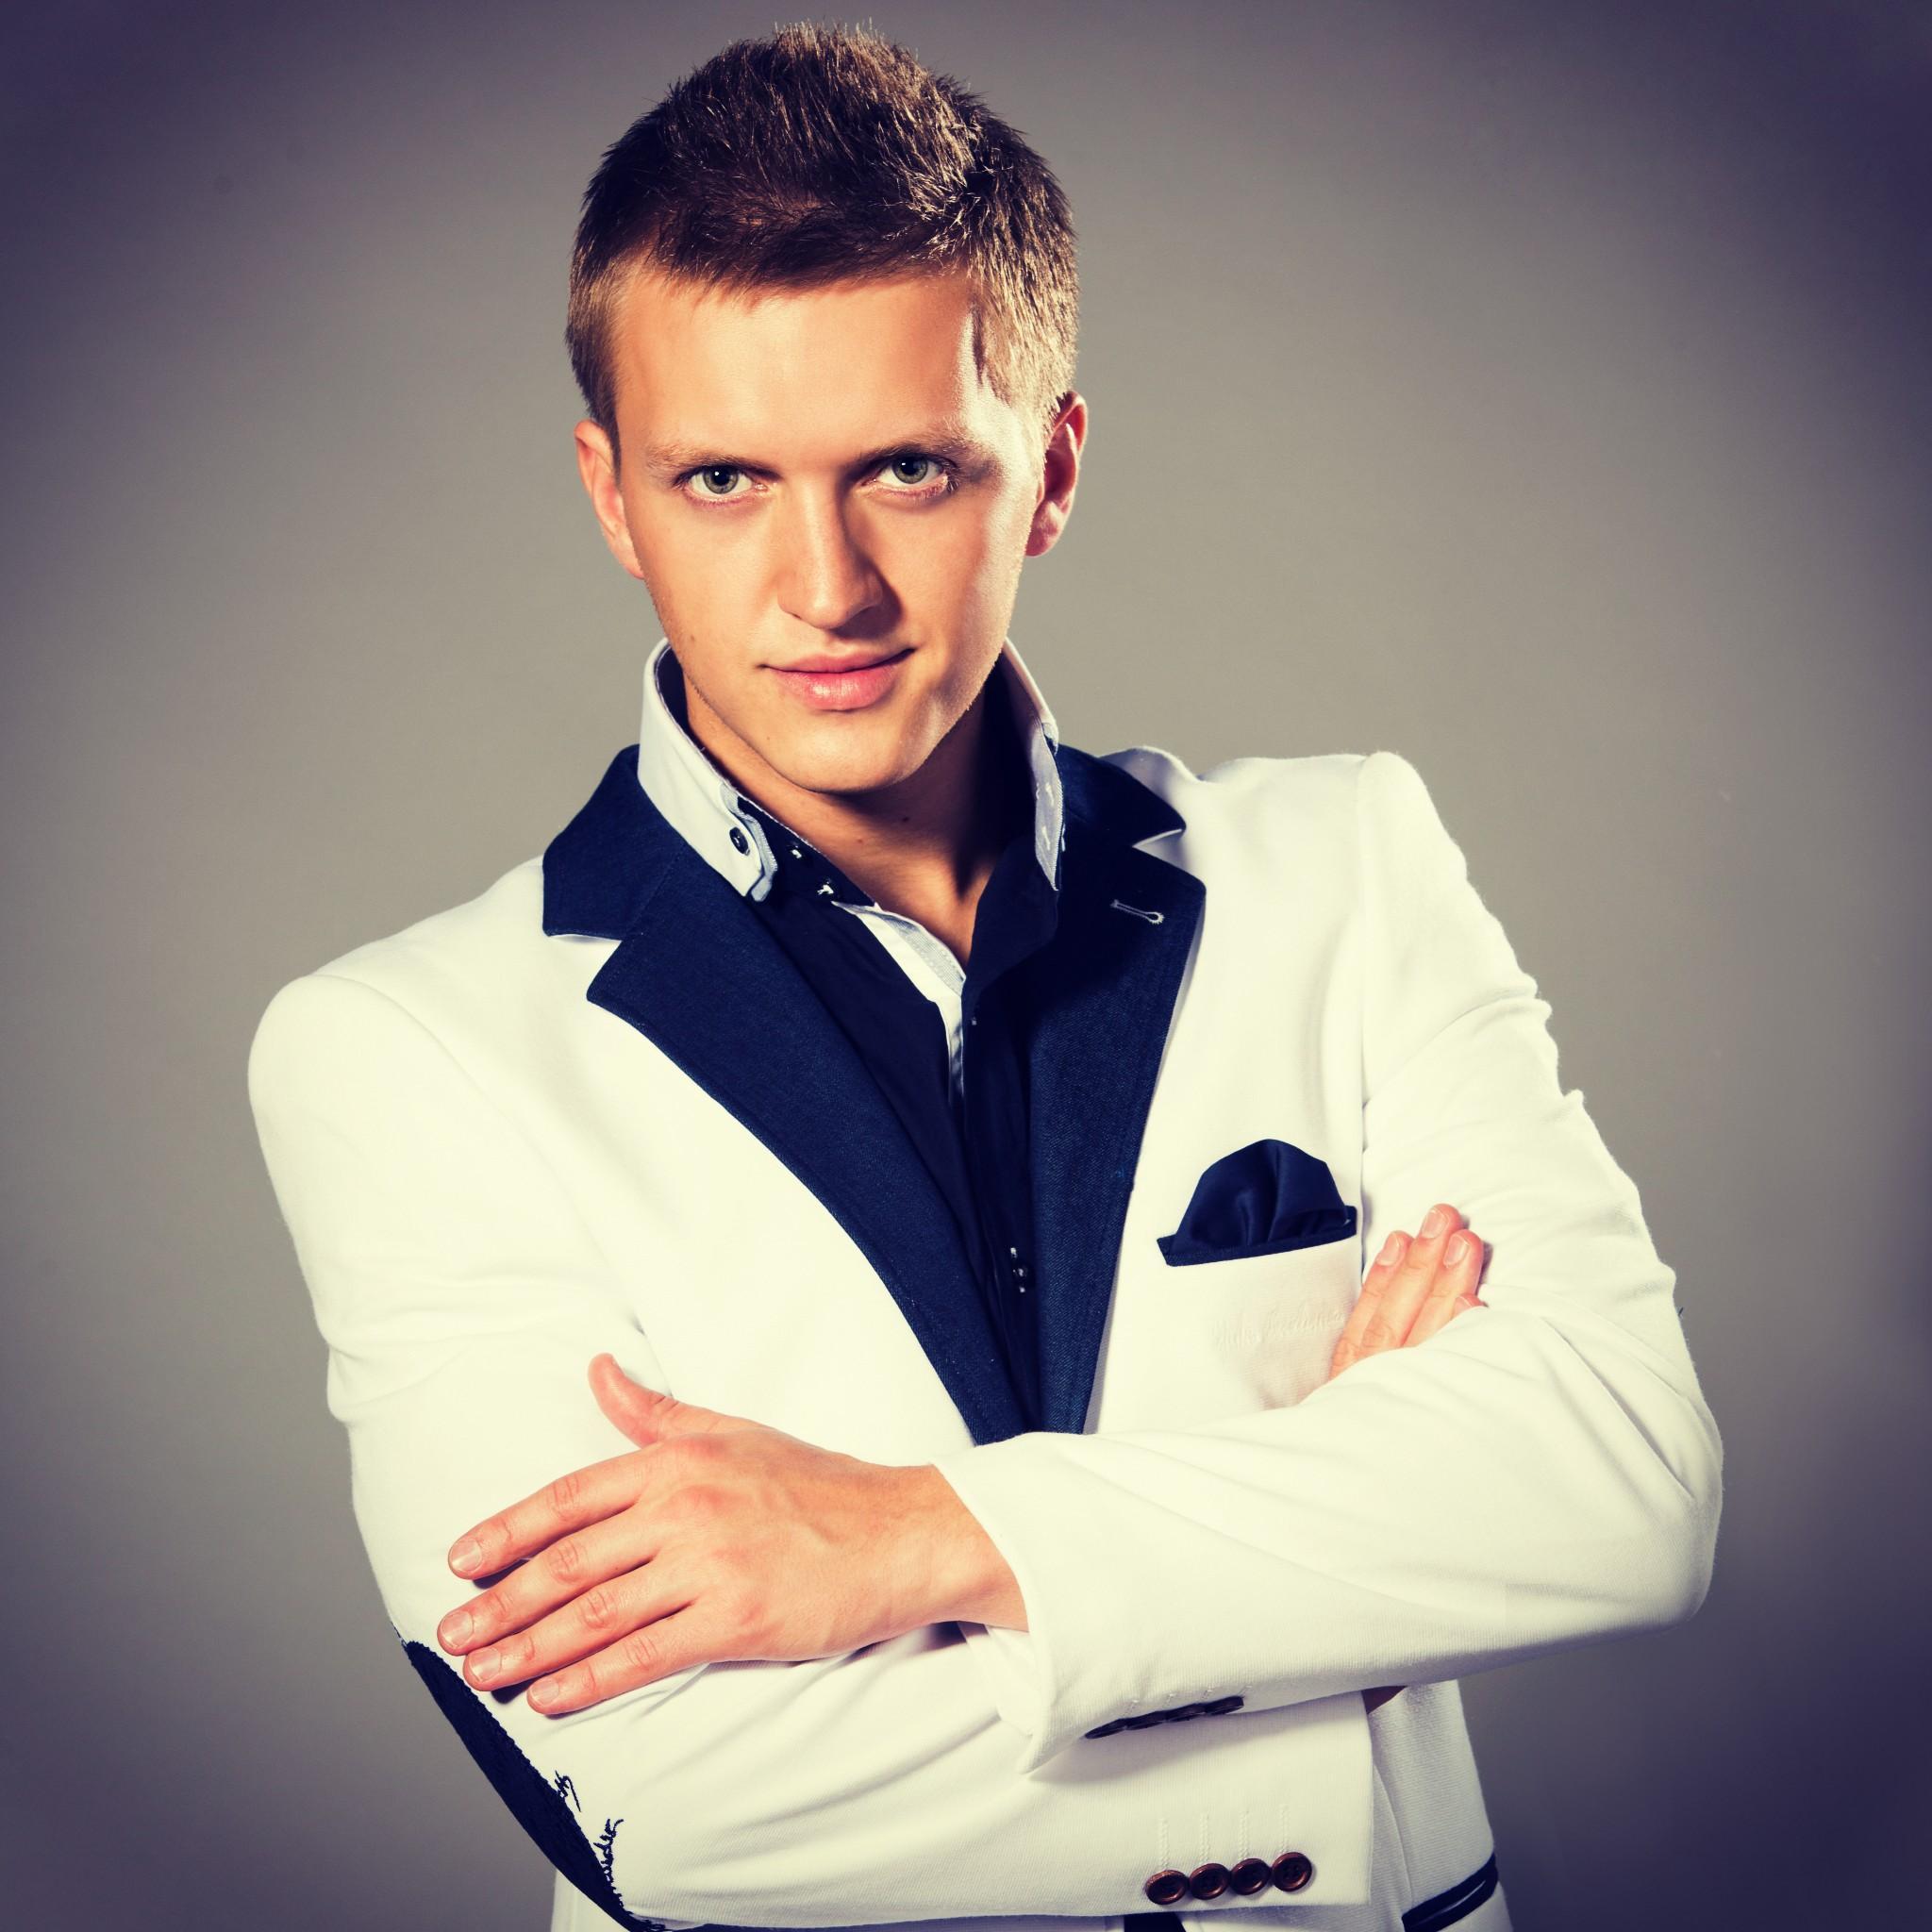 Список российских певцов фото 9 фотография